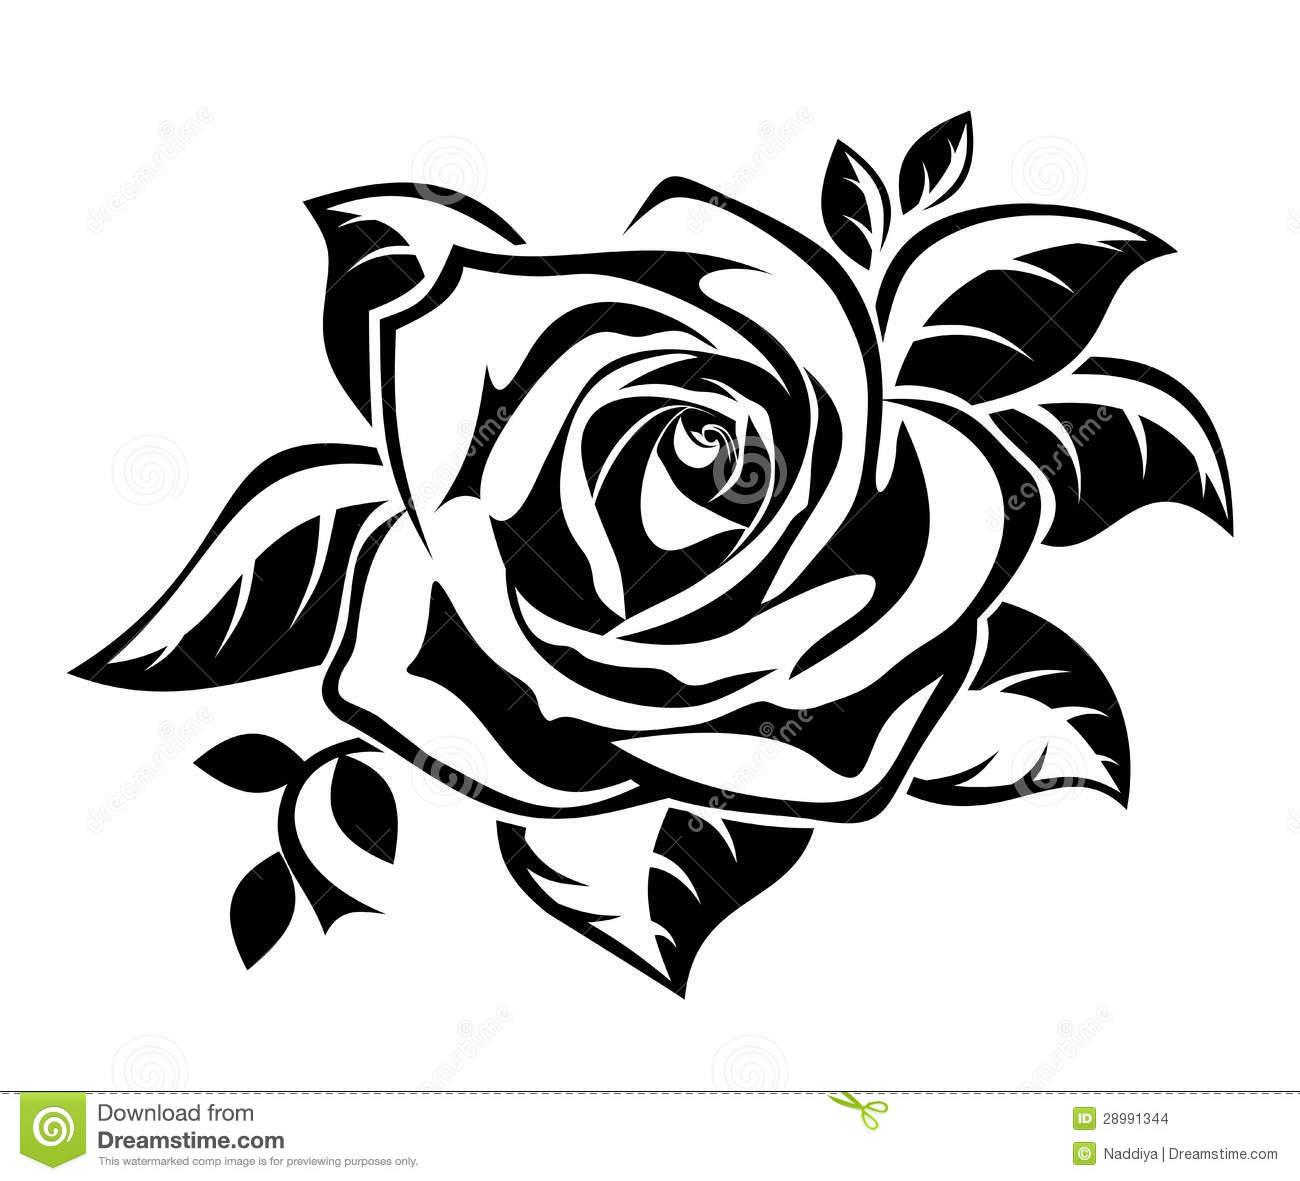 White clipart roseblack Rose black White and Black